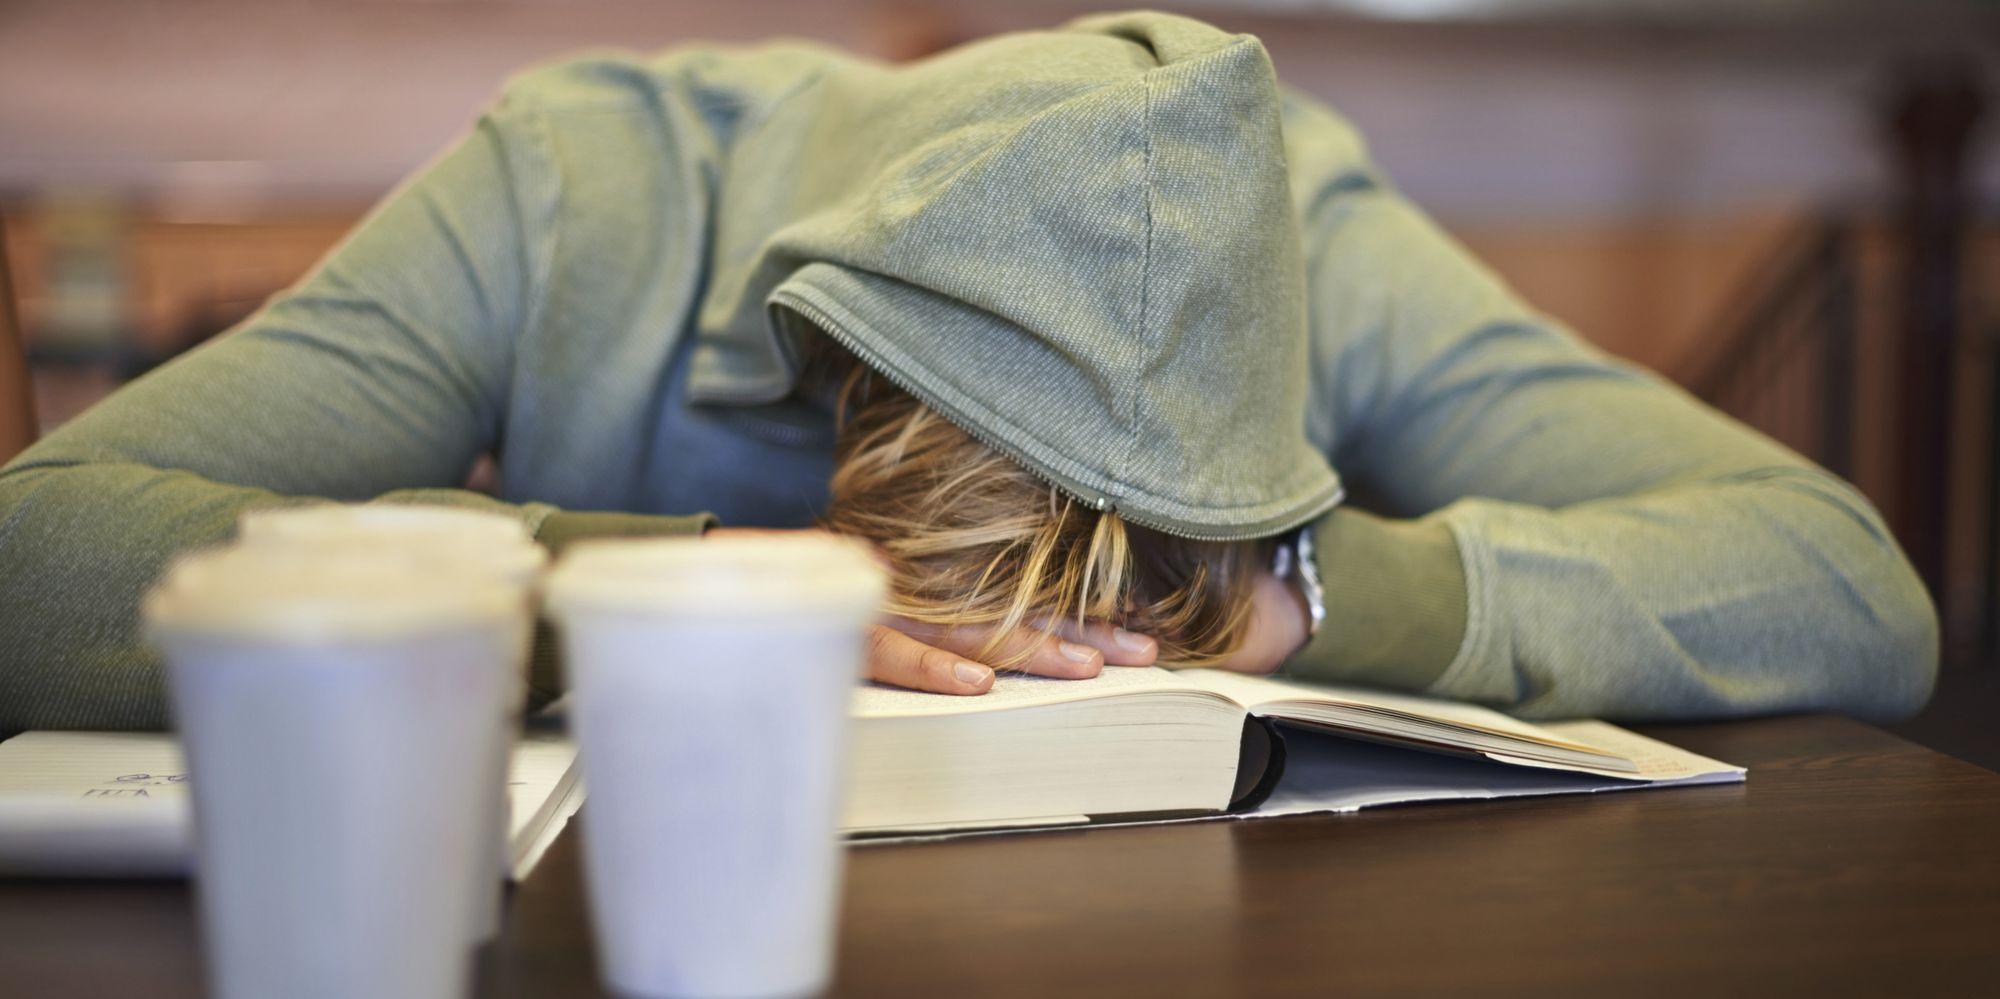 On Teen Sleep Loss 31